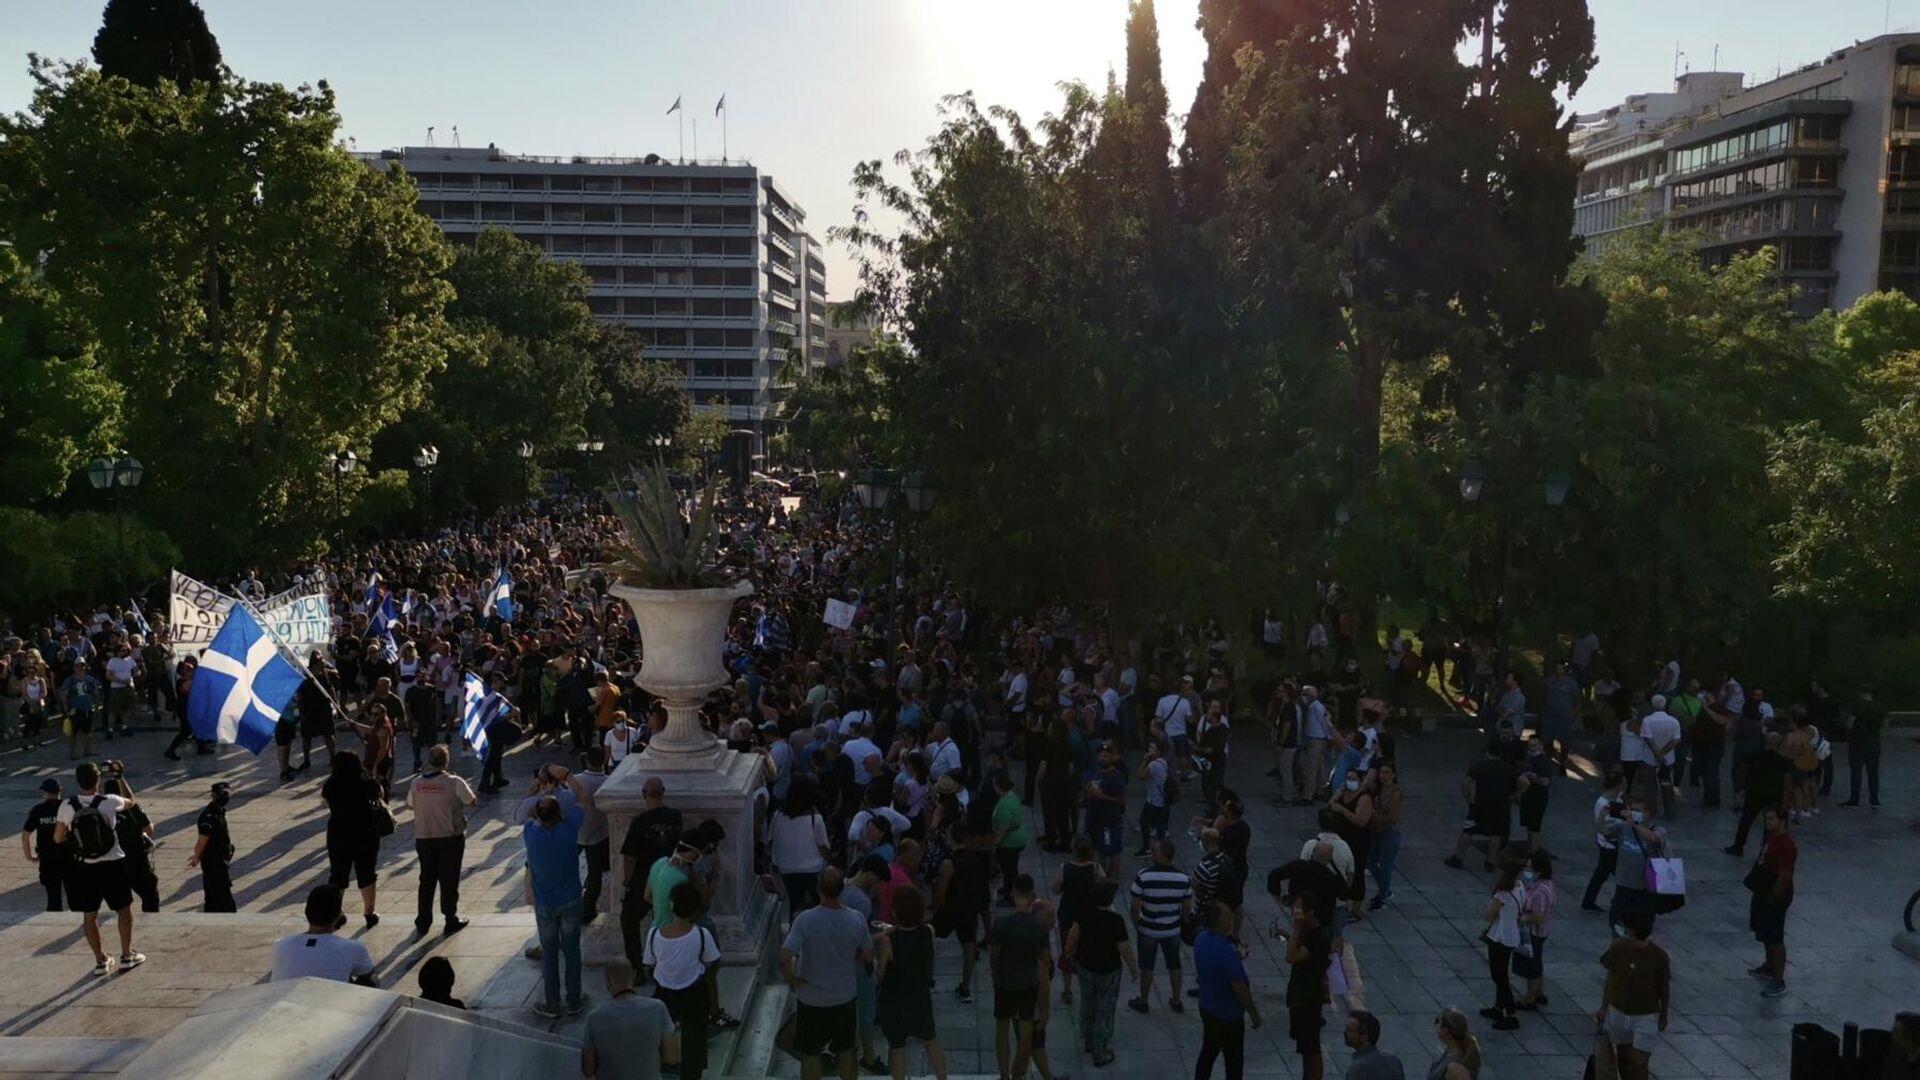 Διαμαρτυρία στην Αθήνα από αντιεμβολιαστές - Sputnik Ελλάδα, 1920, 25.09.2021